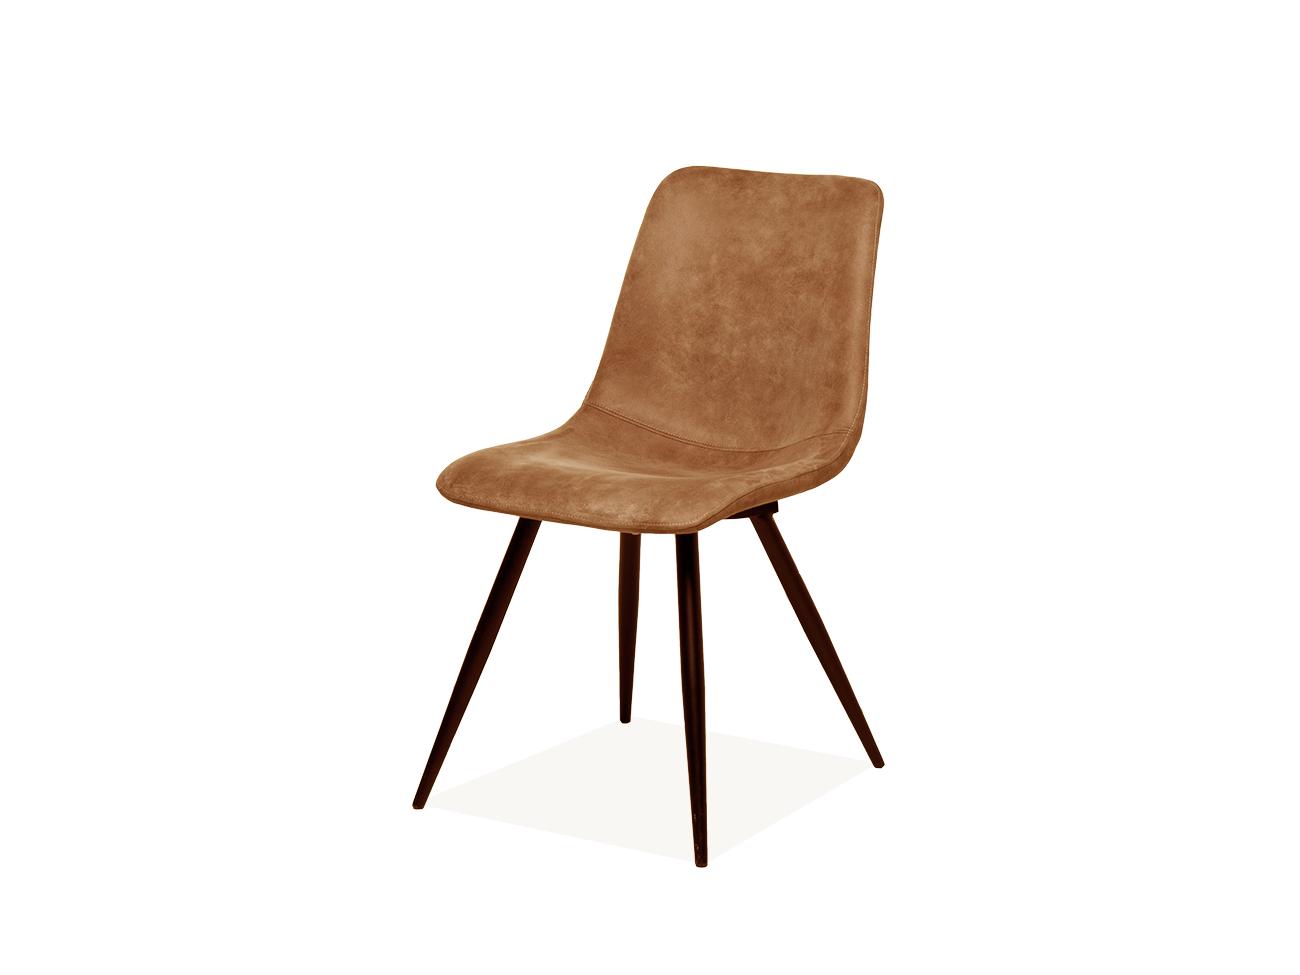 Kuipstoel spot softyl cognac bruin deba meubelen for Eetkamerstoelen gekleurd